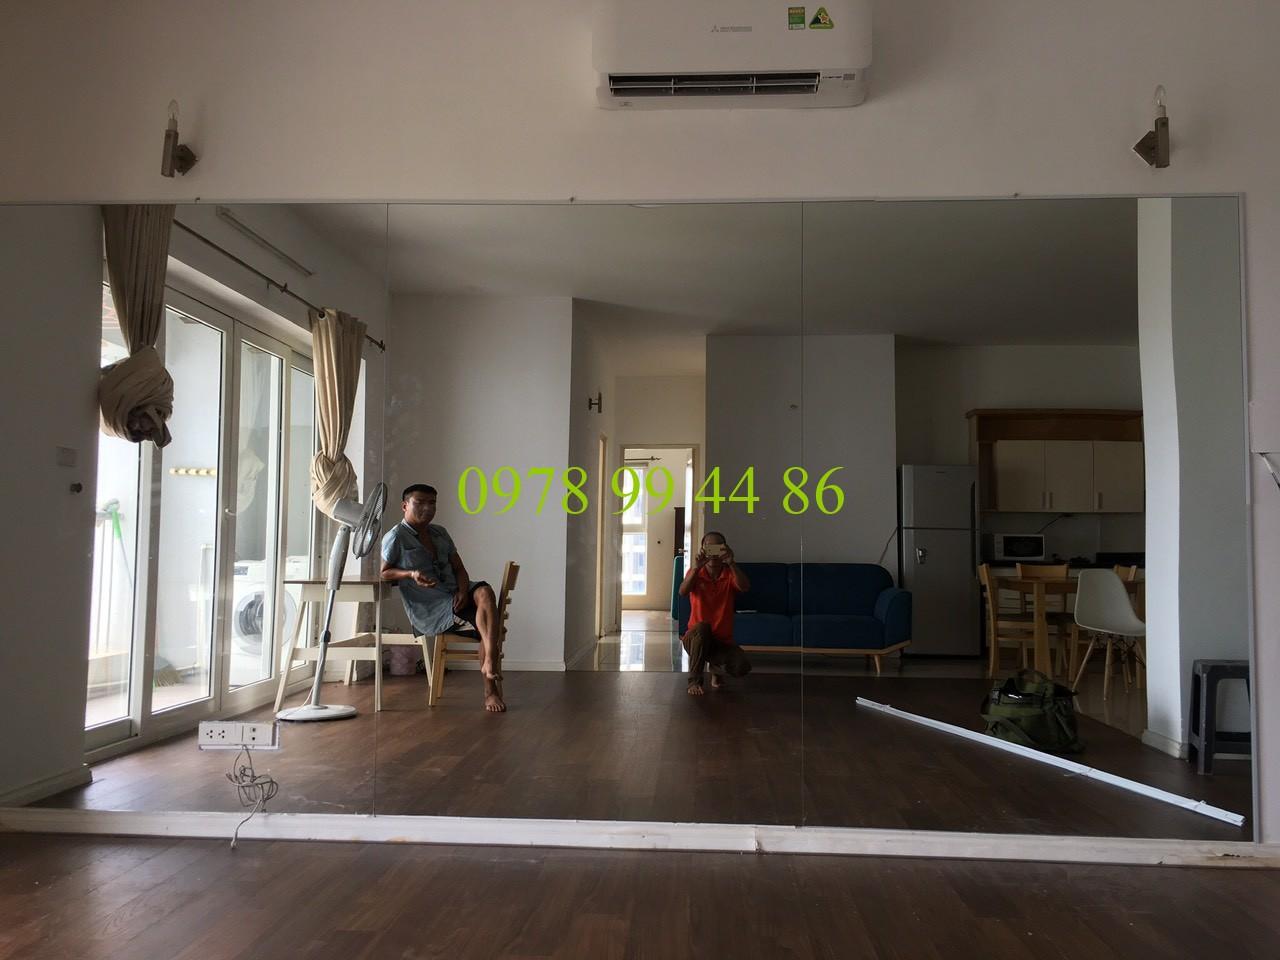 gương phòng tập 12323 Top 3 sản phẩm gương được ưa chuộng tại gương phòng tập